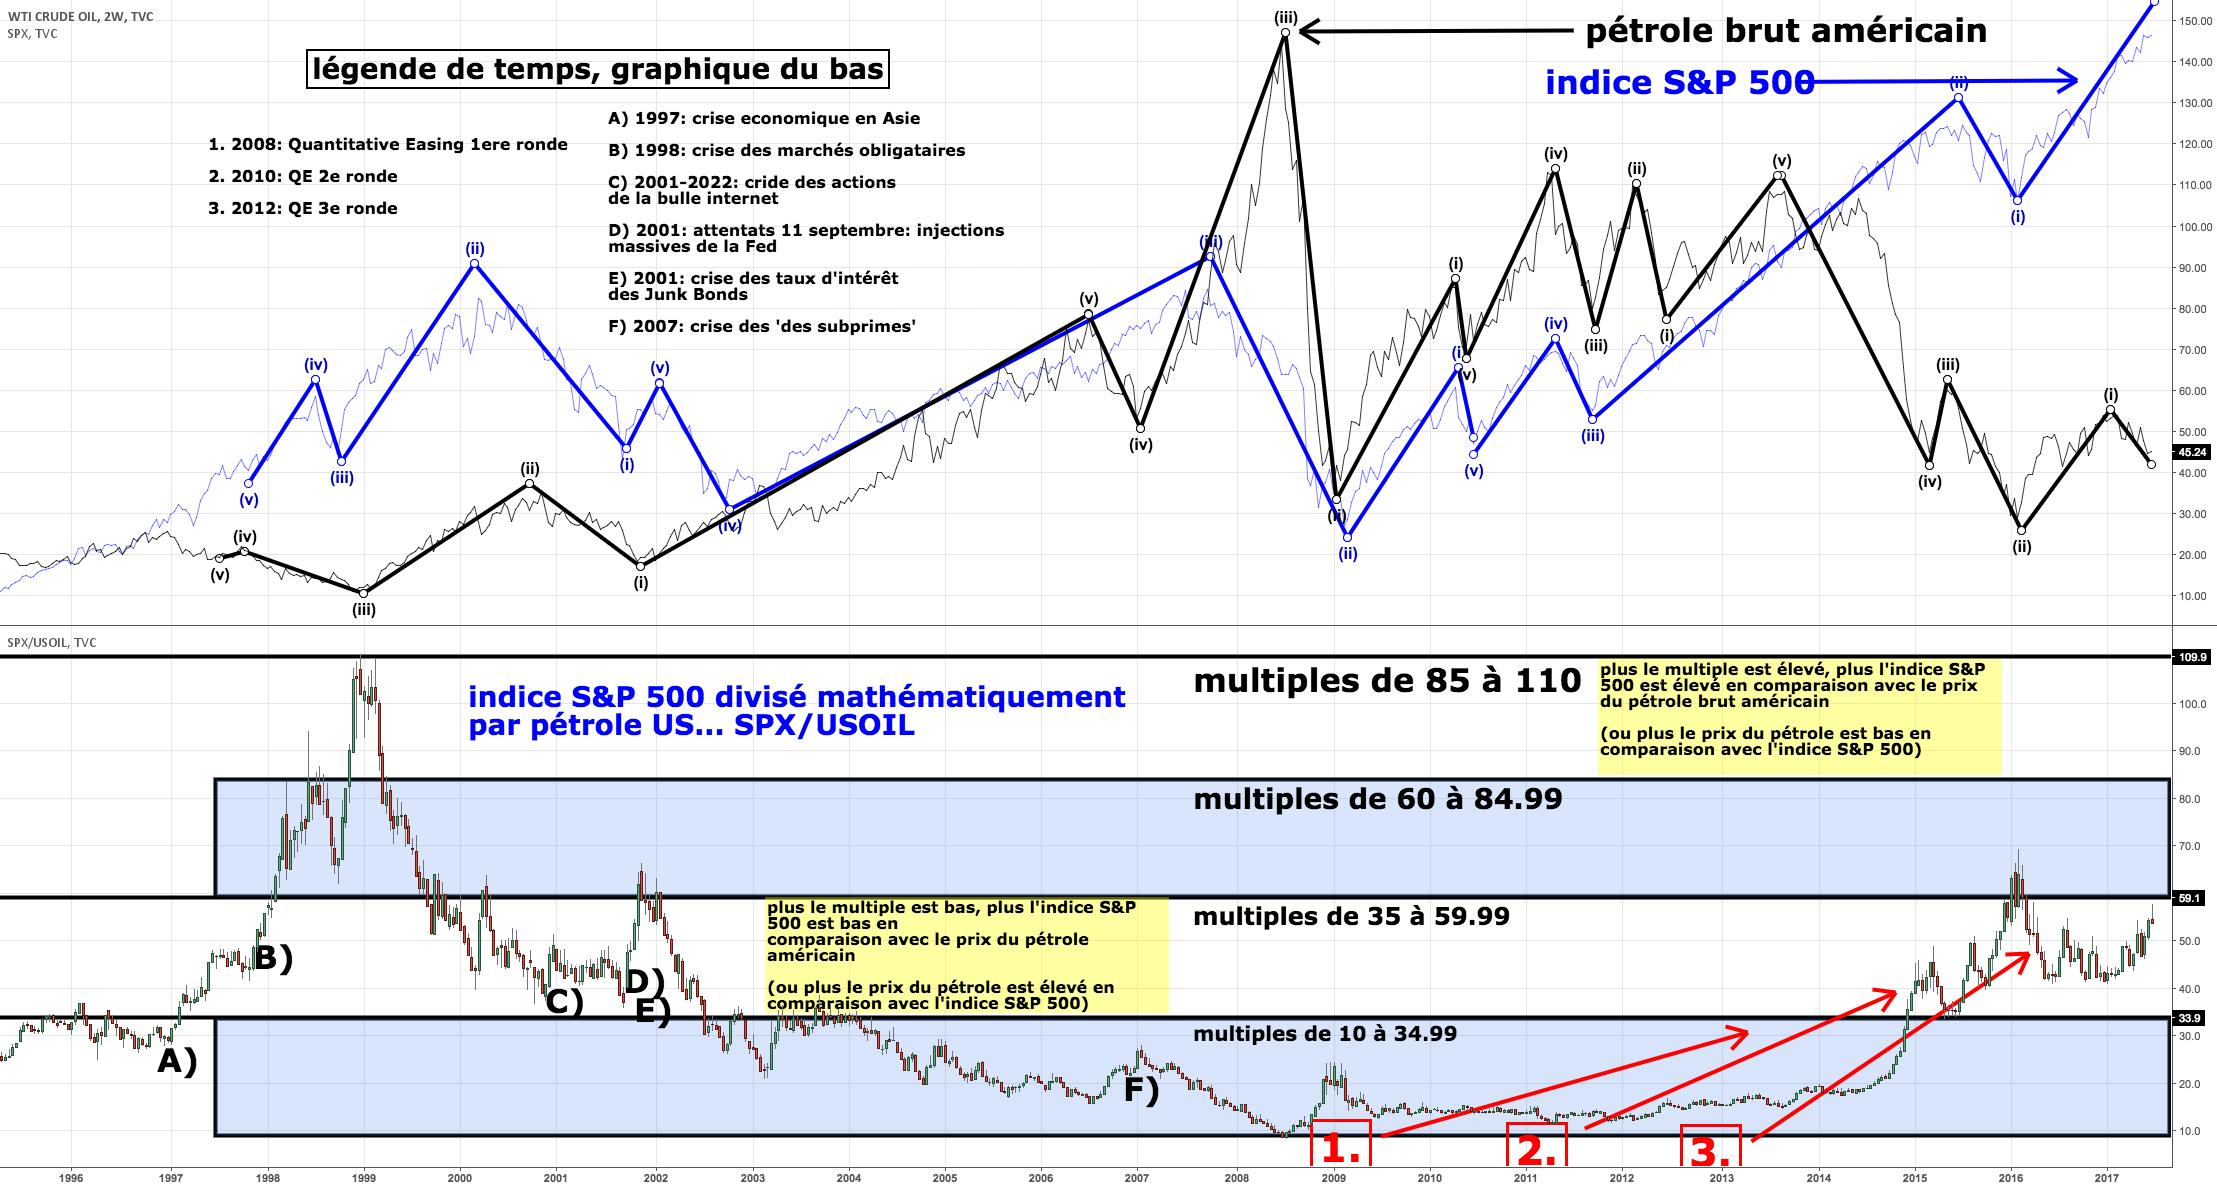 étude complexe entre pétrole brut américain et indice S&P 500